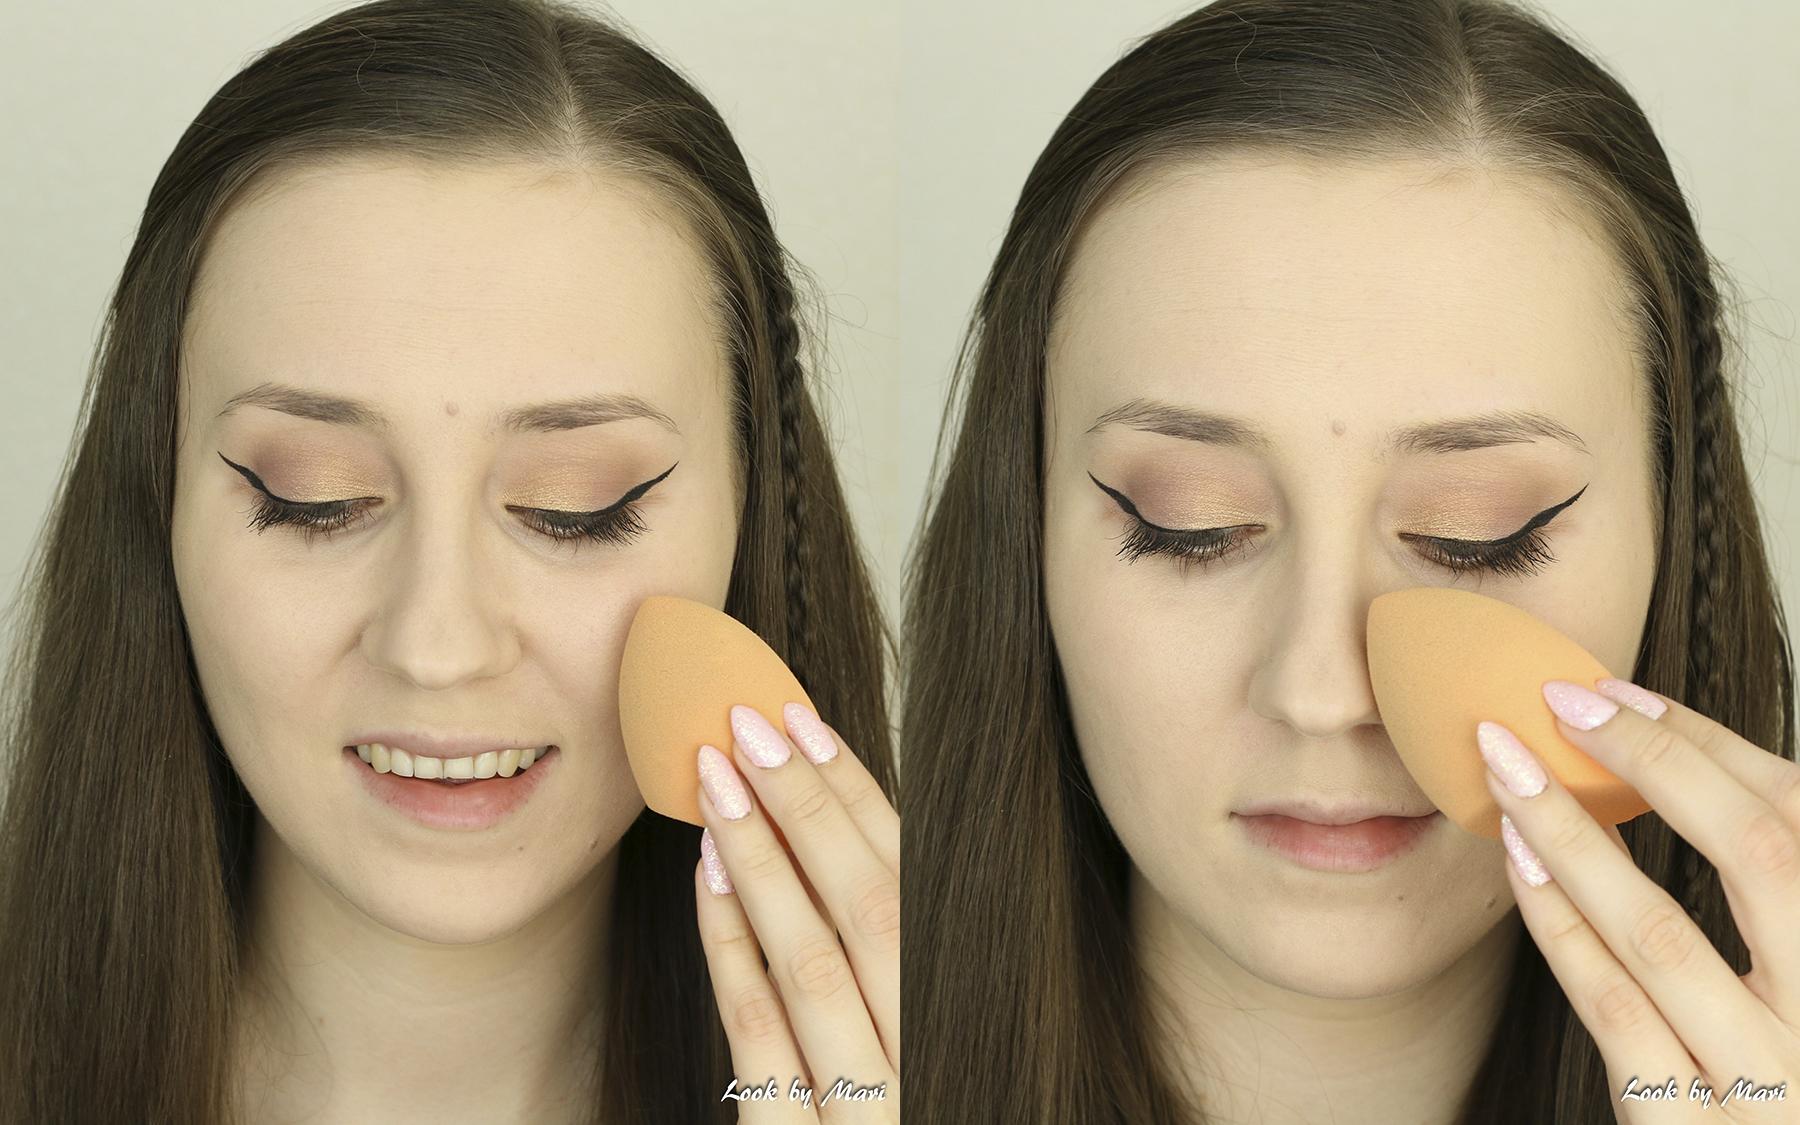 7 how to use beauty sponge with foundation sponge tips kuinka käyttää meikkisientä beautyblenderiä